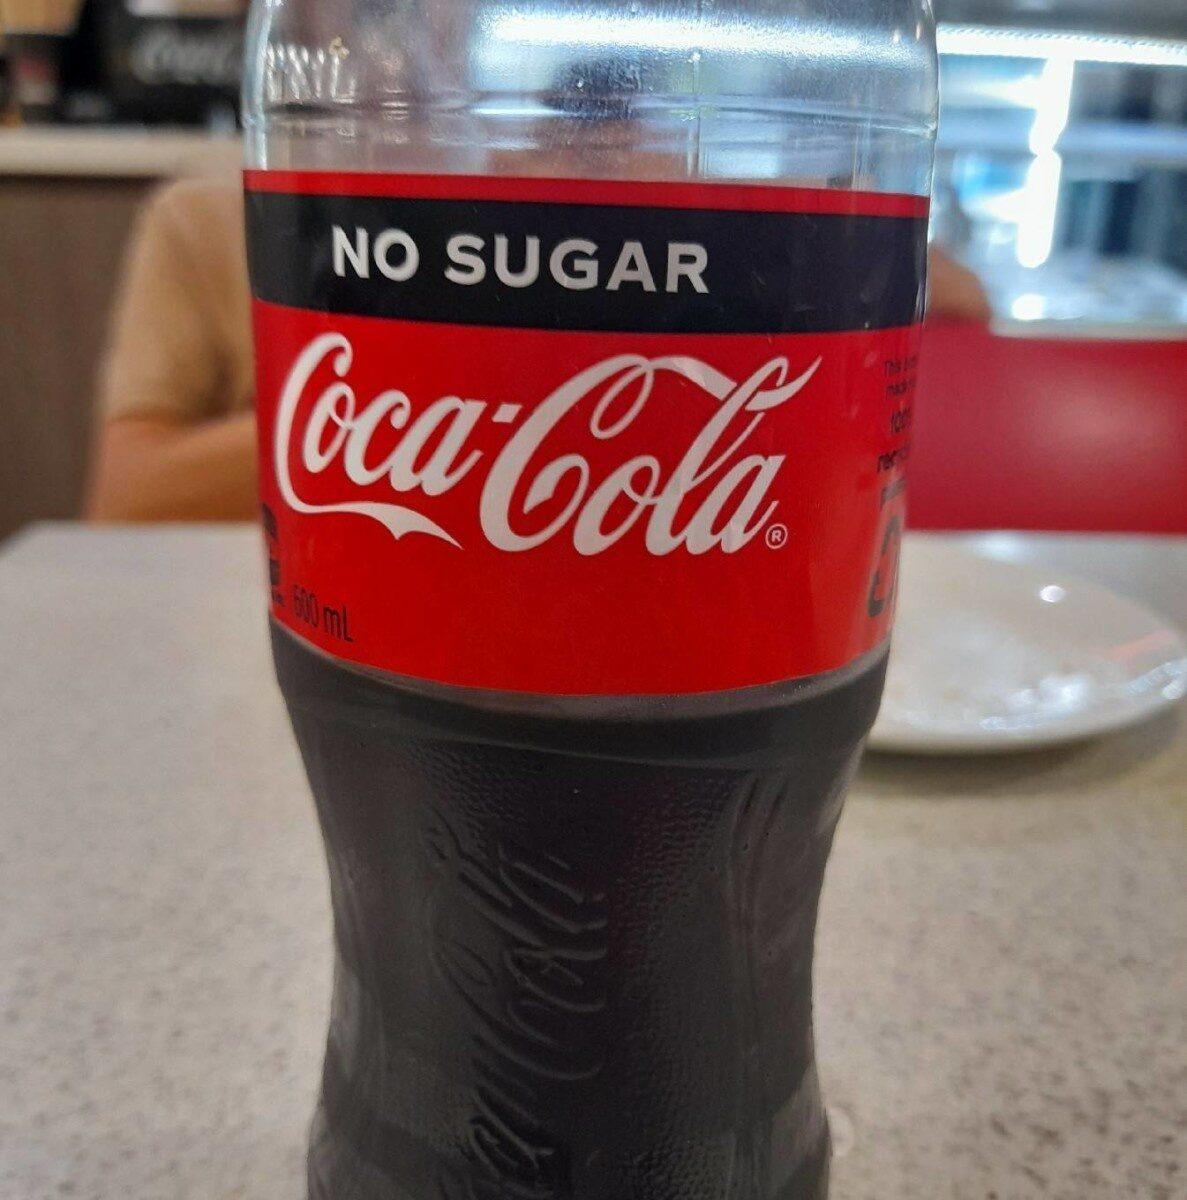 Coca-Cola No Sugar - Product - en